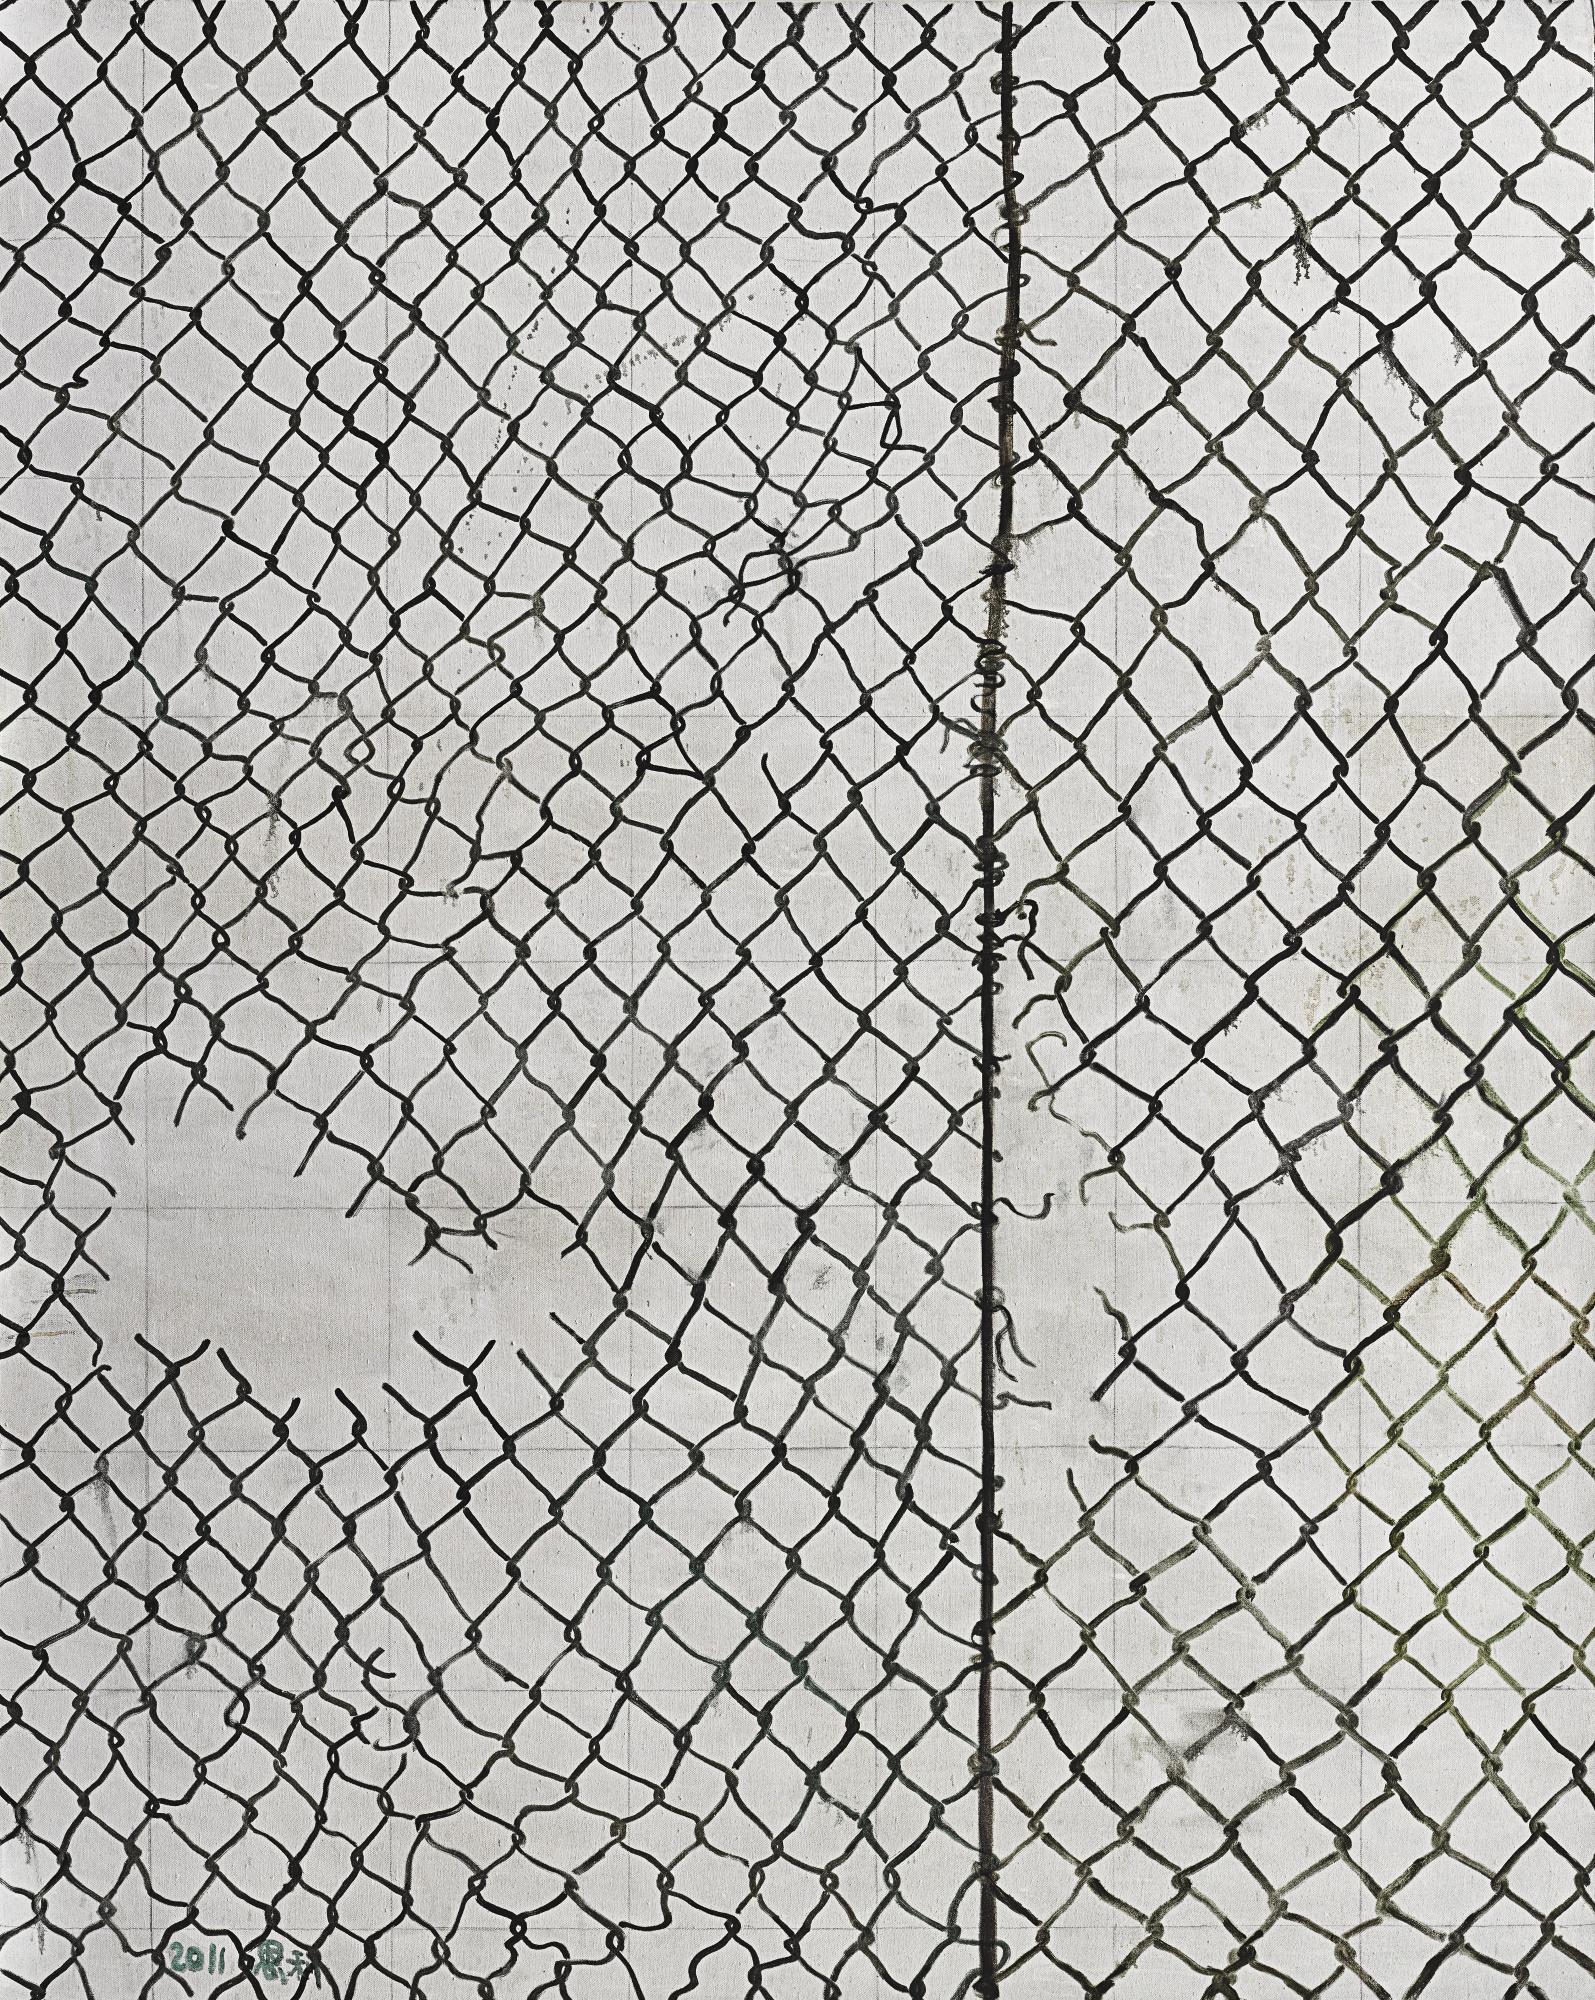 Zhang Enli-Wire Netting No. 4-2011